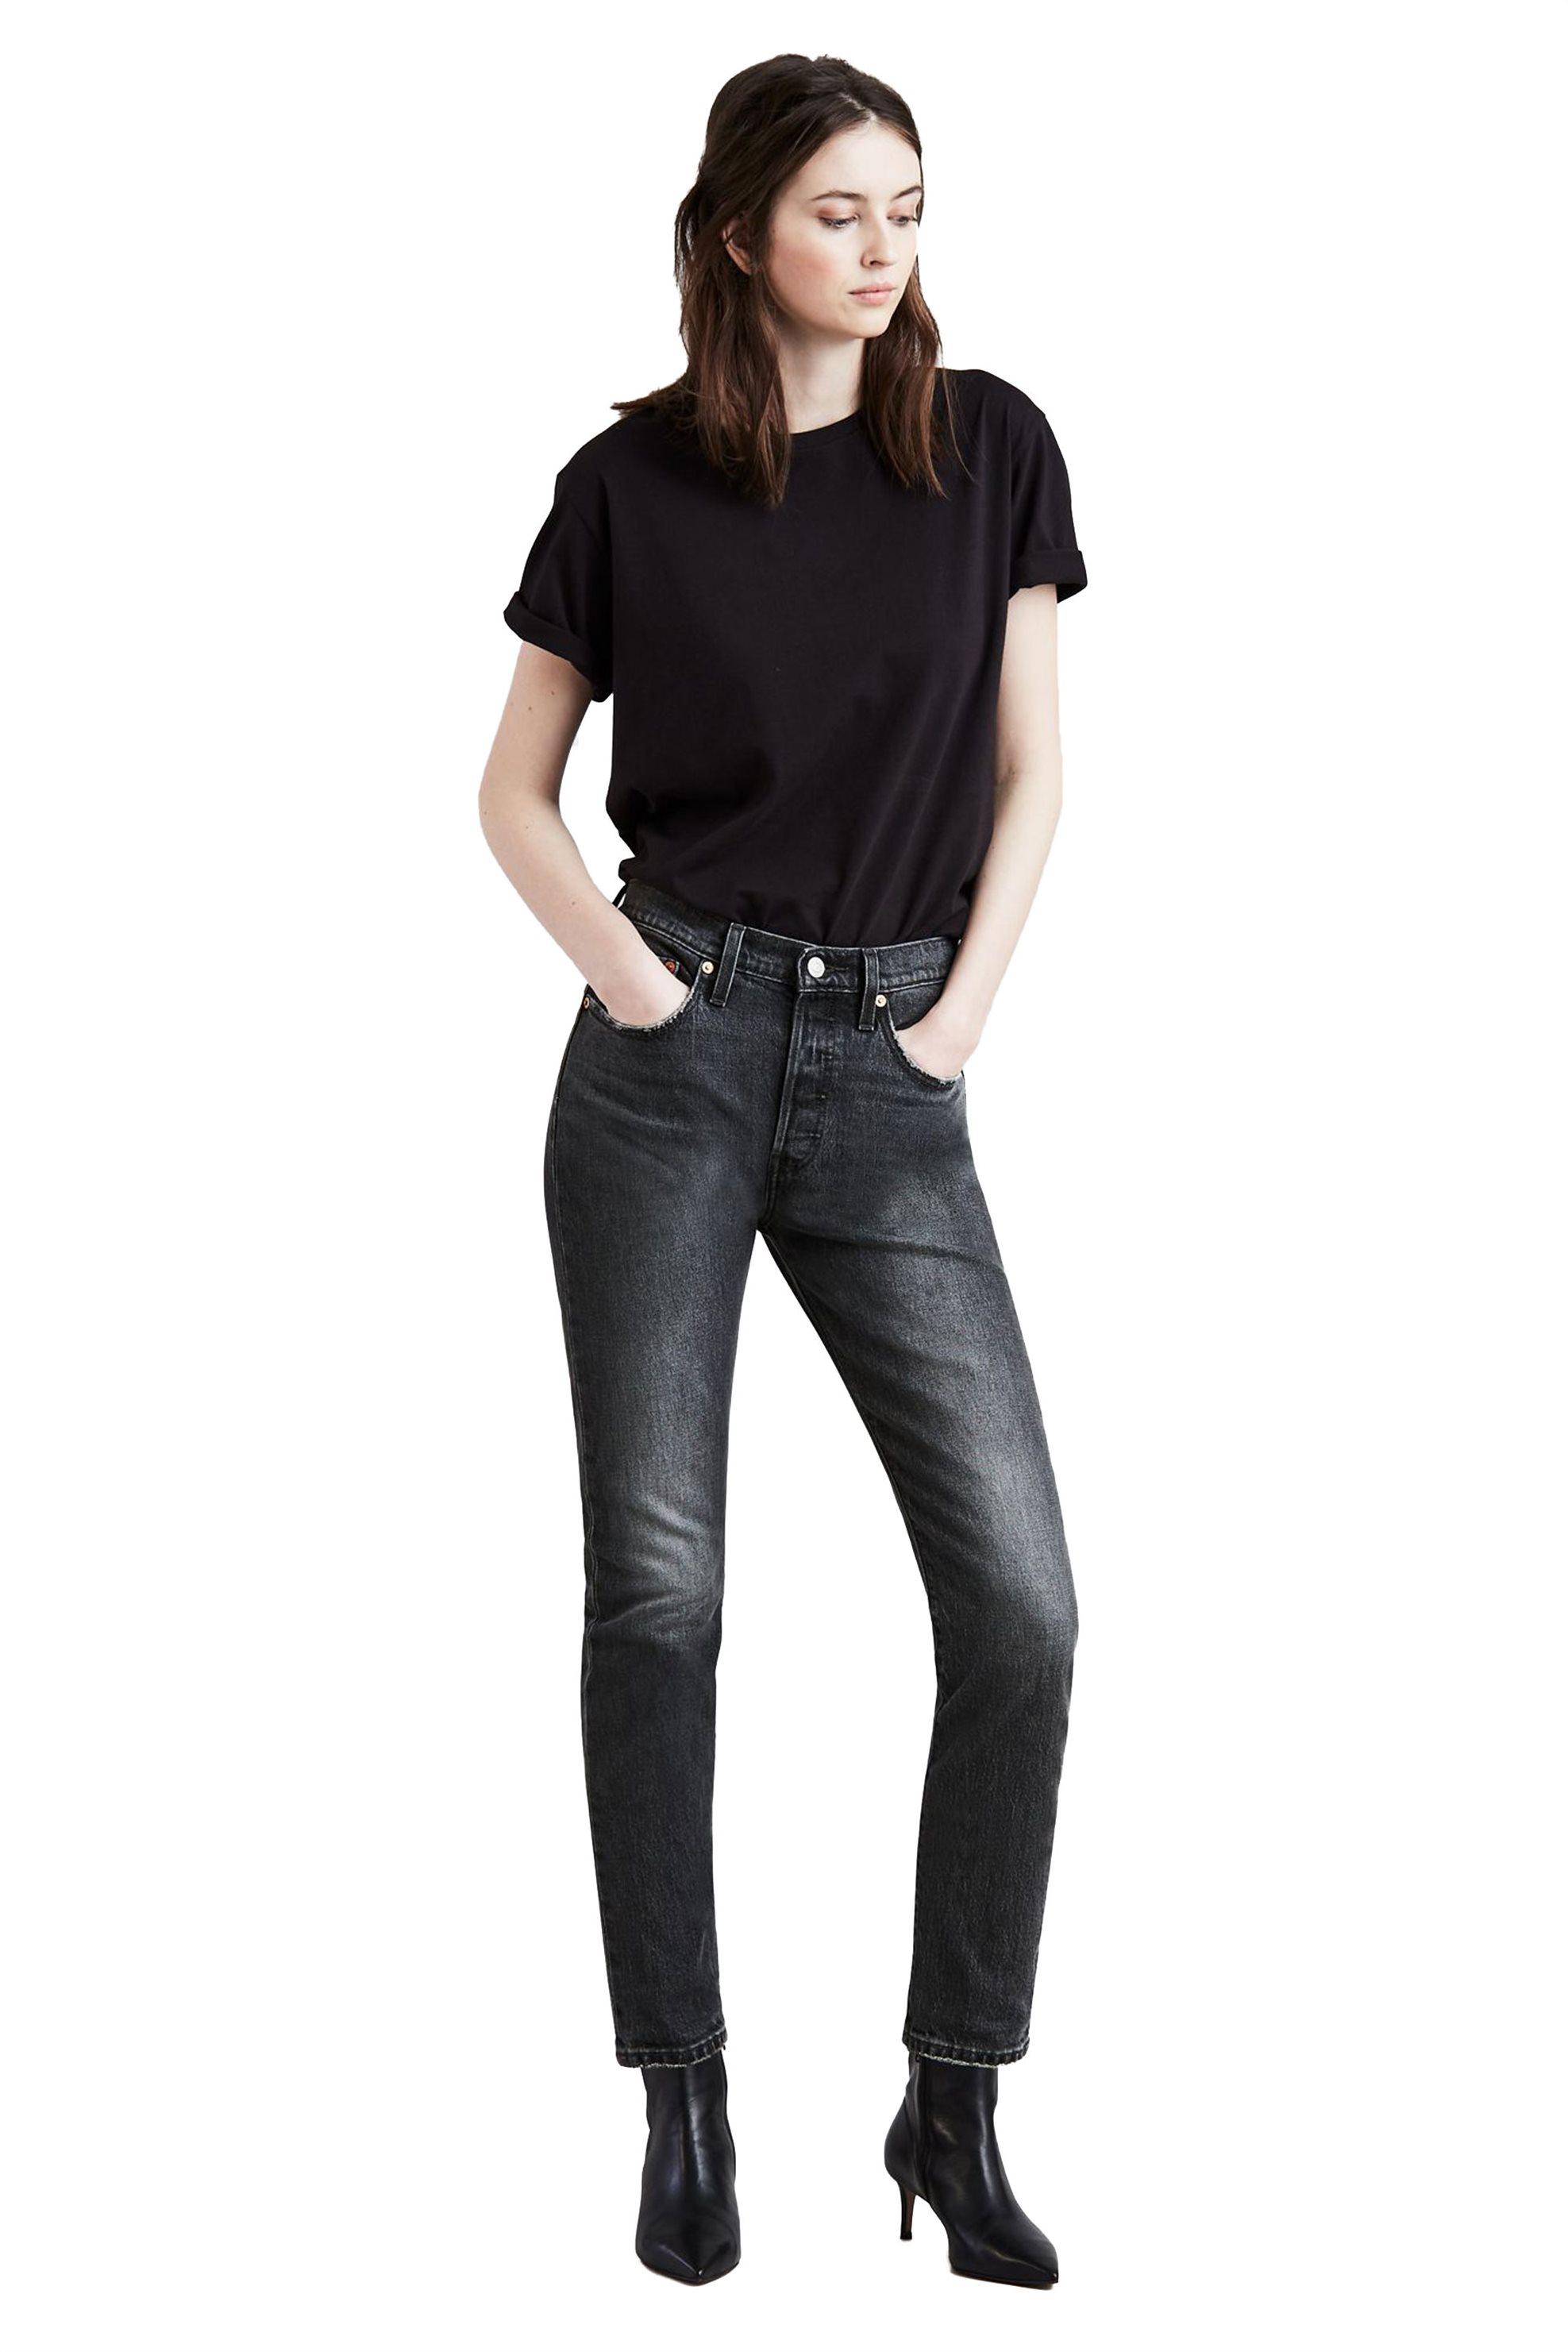 Notos Levi s 501® Skinny γυναικείο τζην παντελόνι Coal Black (30L) -  2950200-63 a746e63dc65